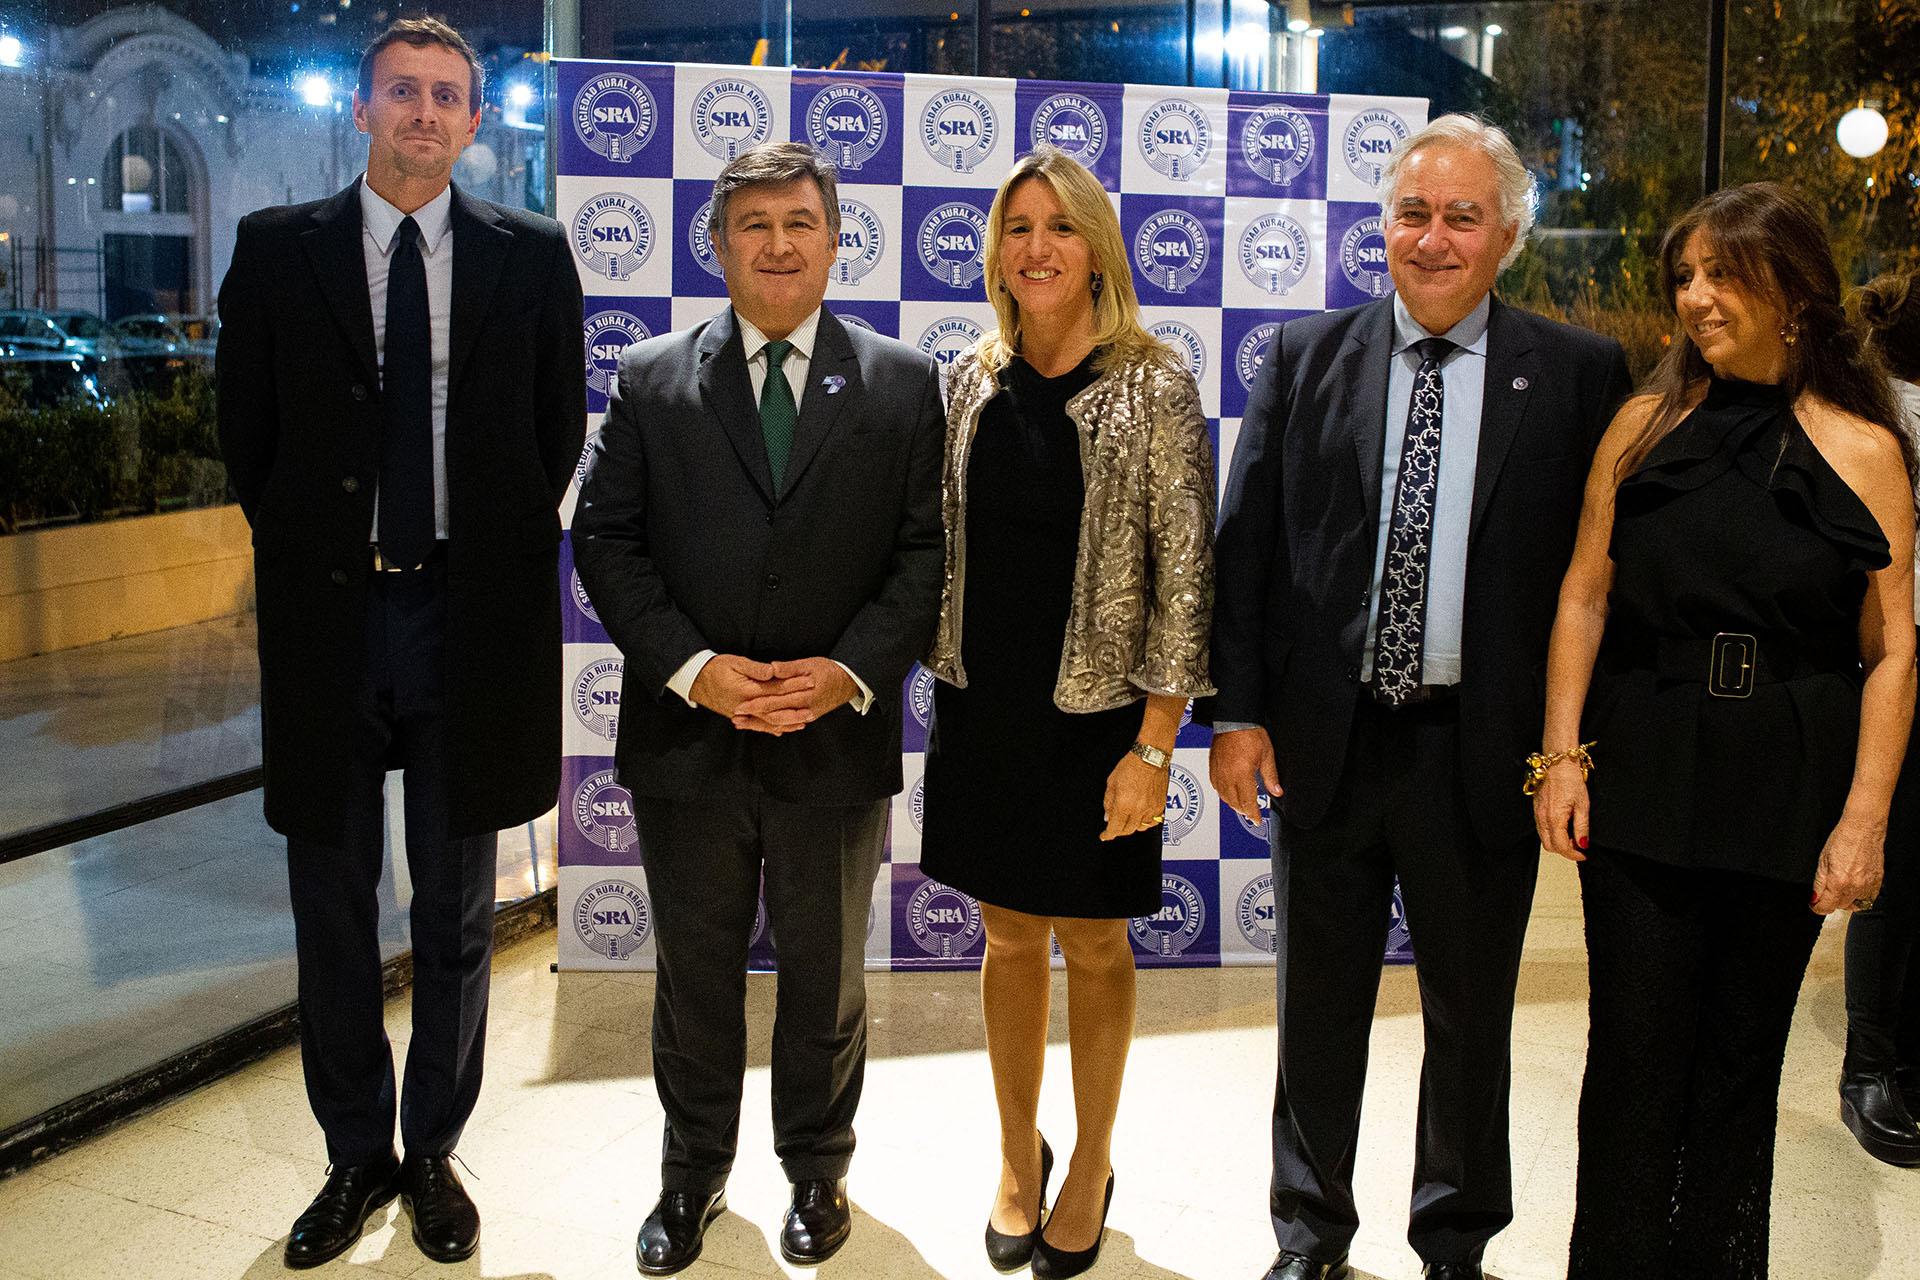 Daniel Pelegrina y Catalina Velasco Suárez, Carlos Vaquer y Pimpi Smith junto a Michal Swietlik, cónsul de Polonia